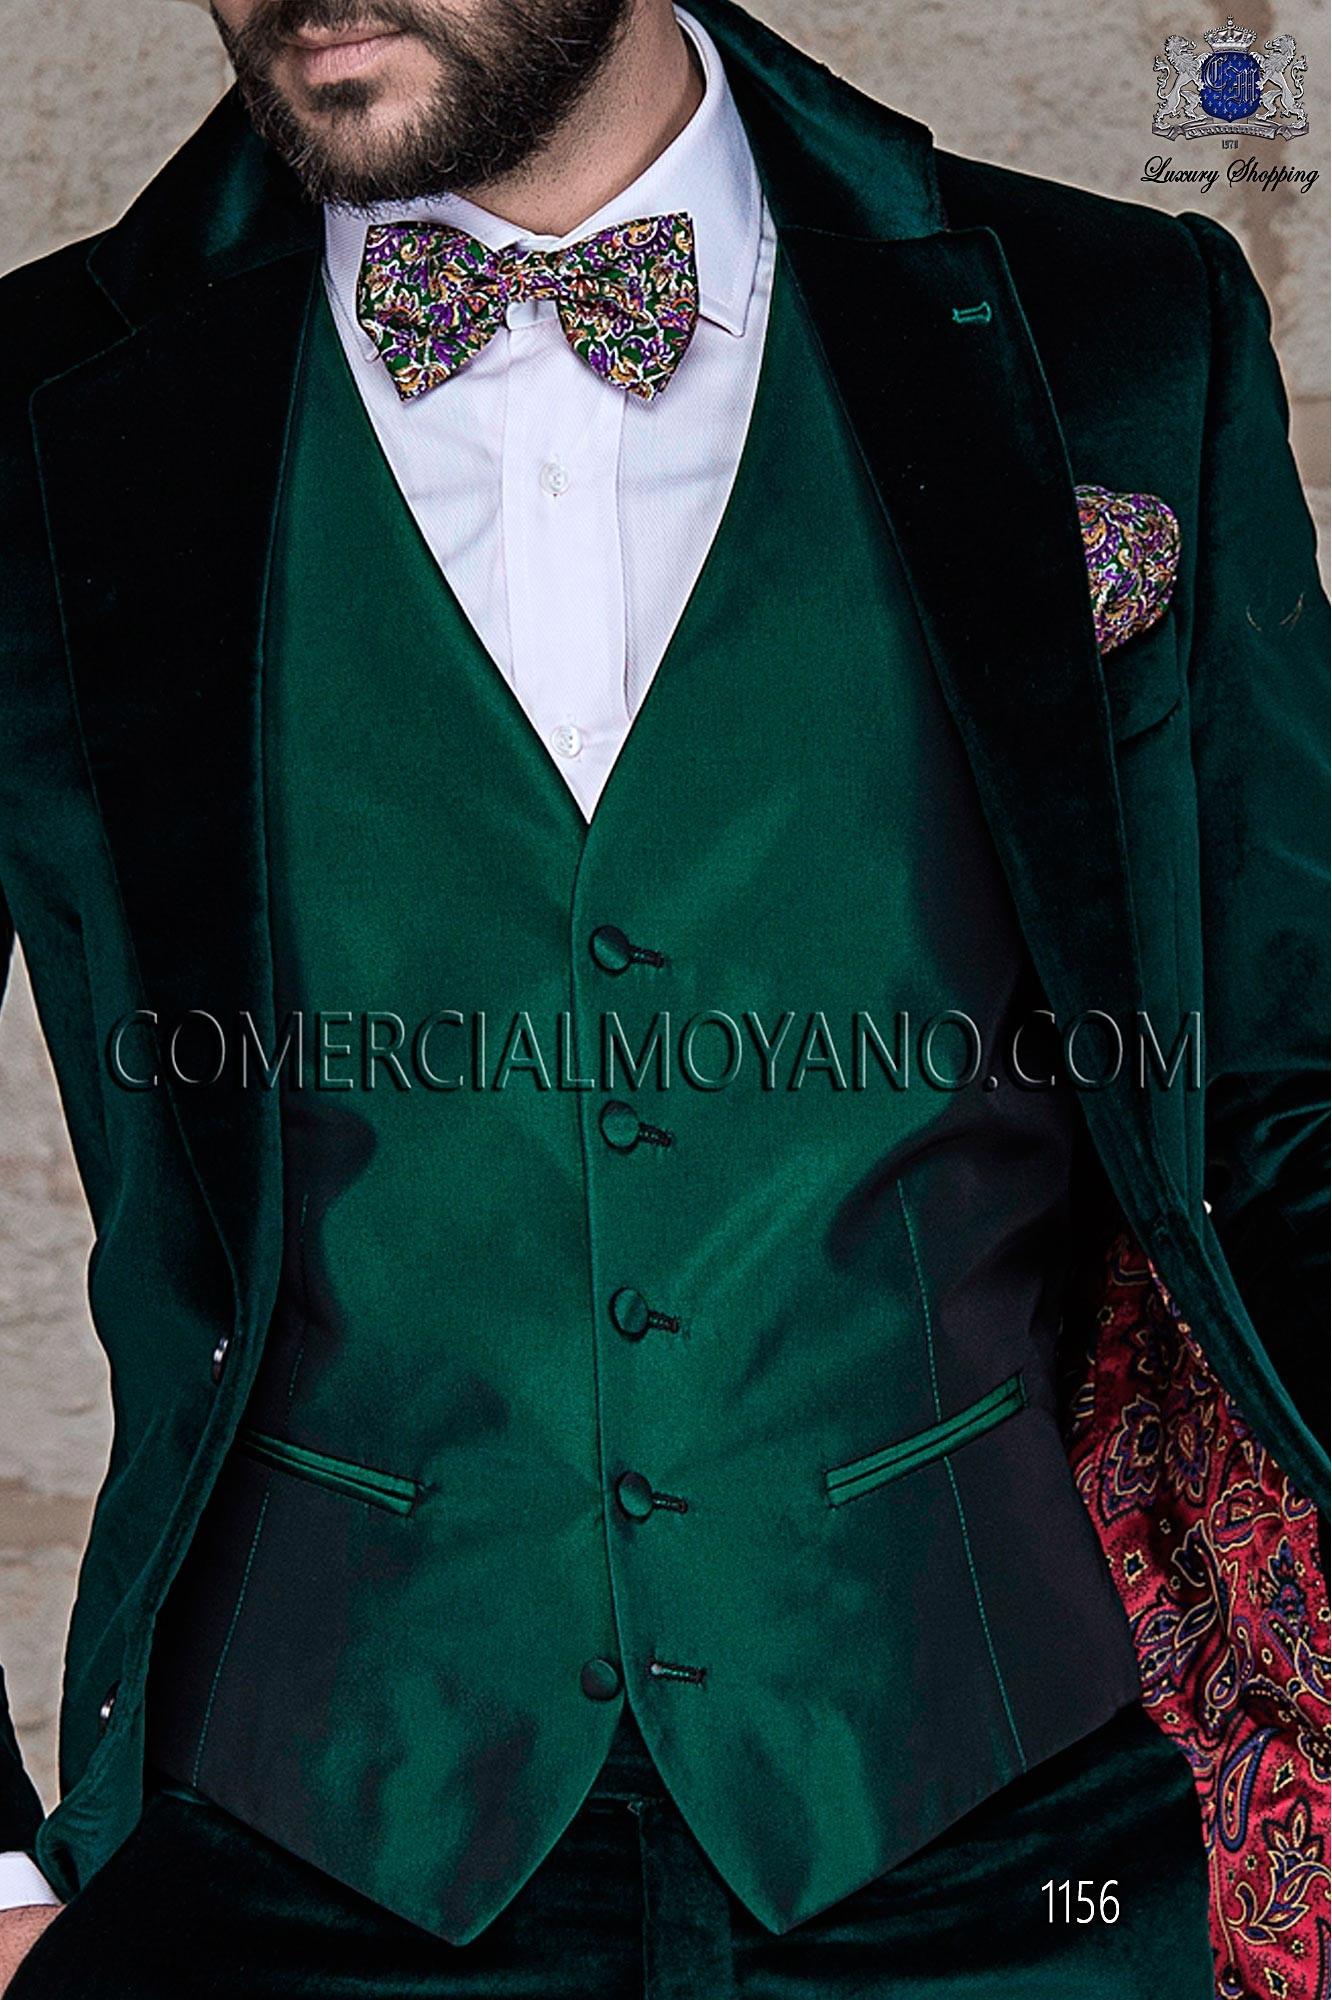 Traje BlackTie de novio verde modelo: 1156 Ottavio Nuccio Gala colección Black Tie